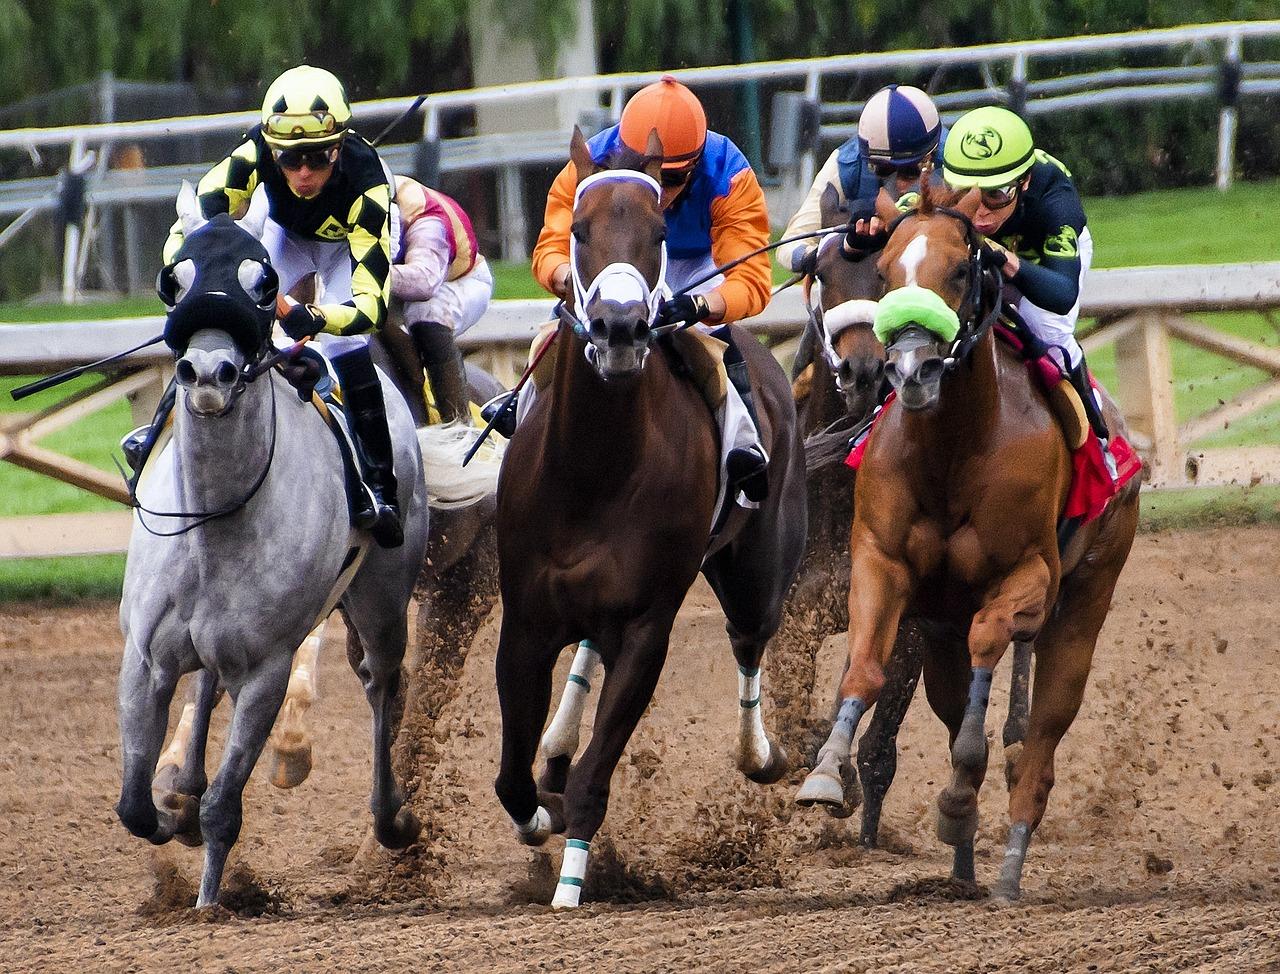 Sports spoit eyecatch horse racing rule